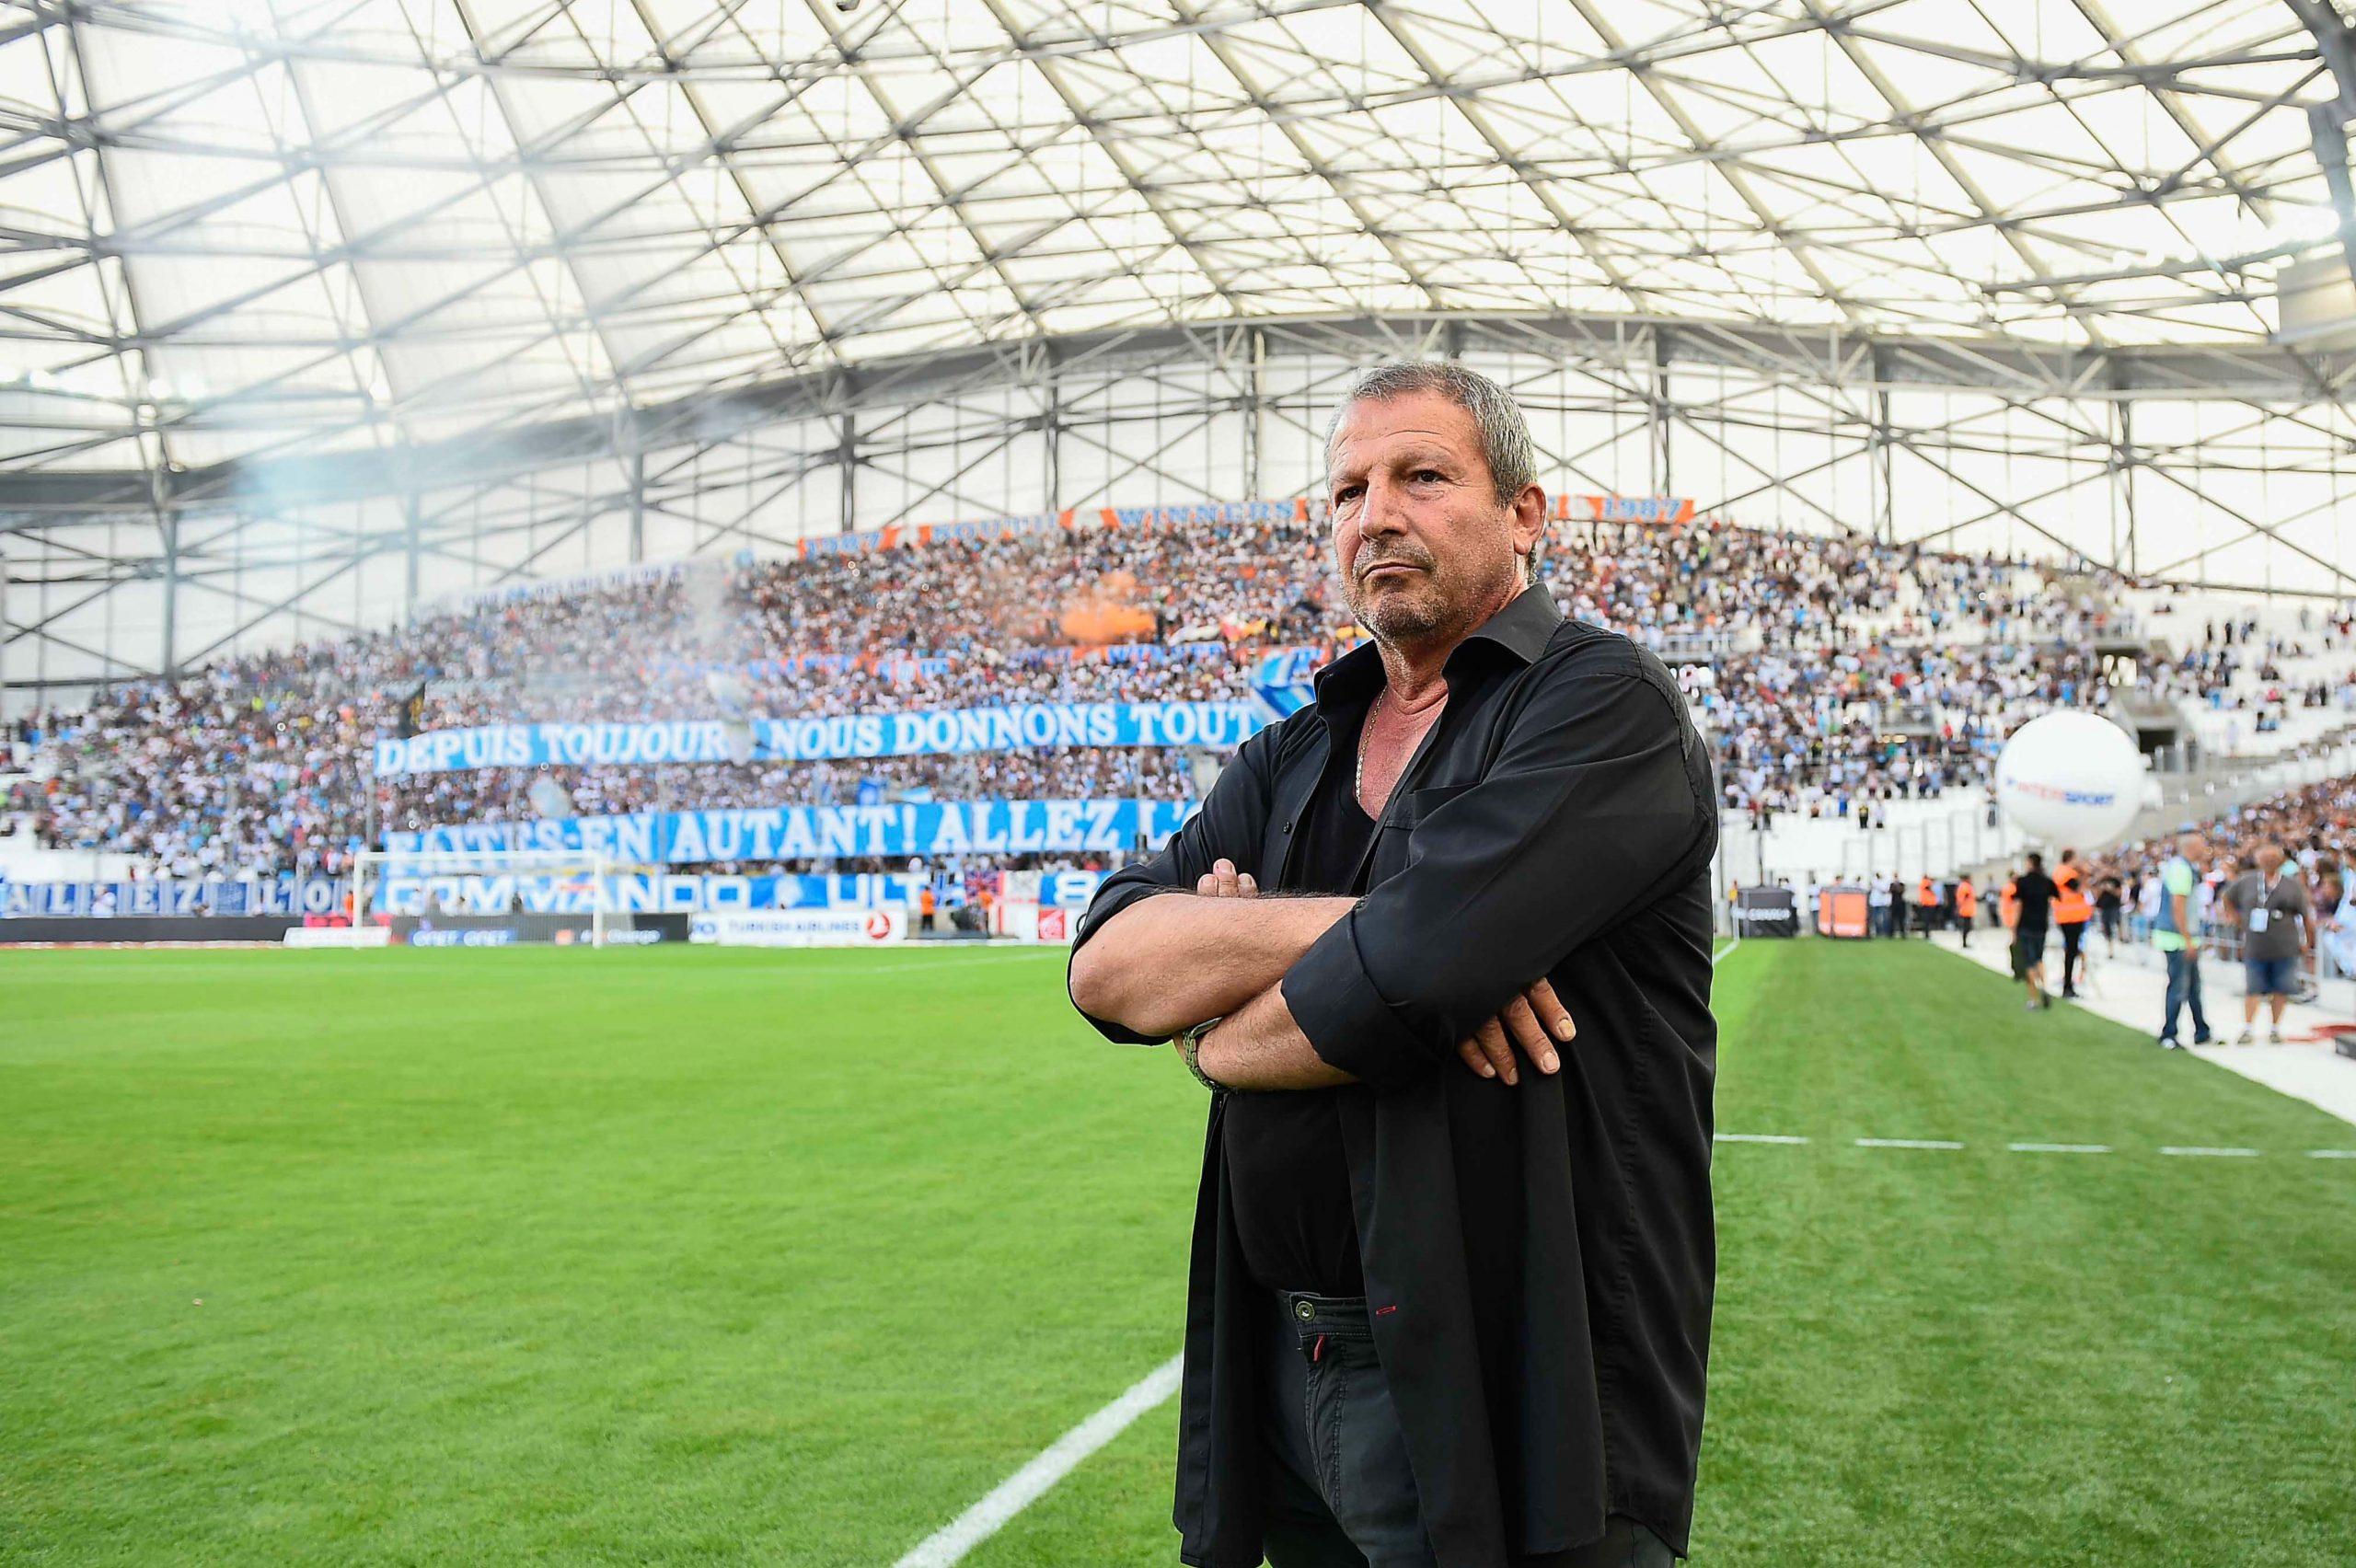 Mercato OM : Ce coach était prêt à succéder à Villas-Boas